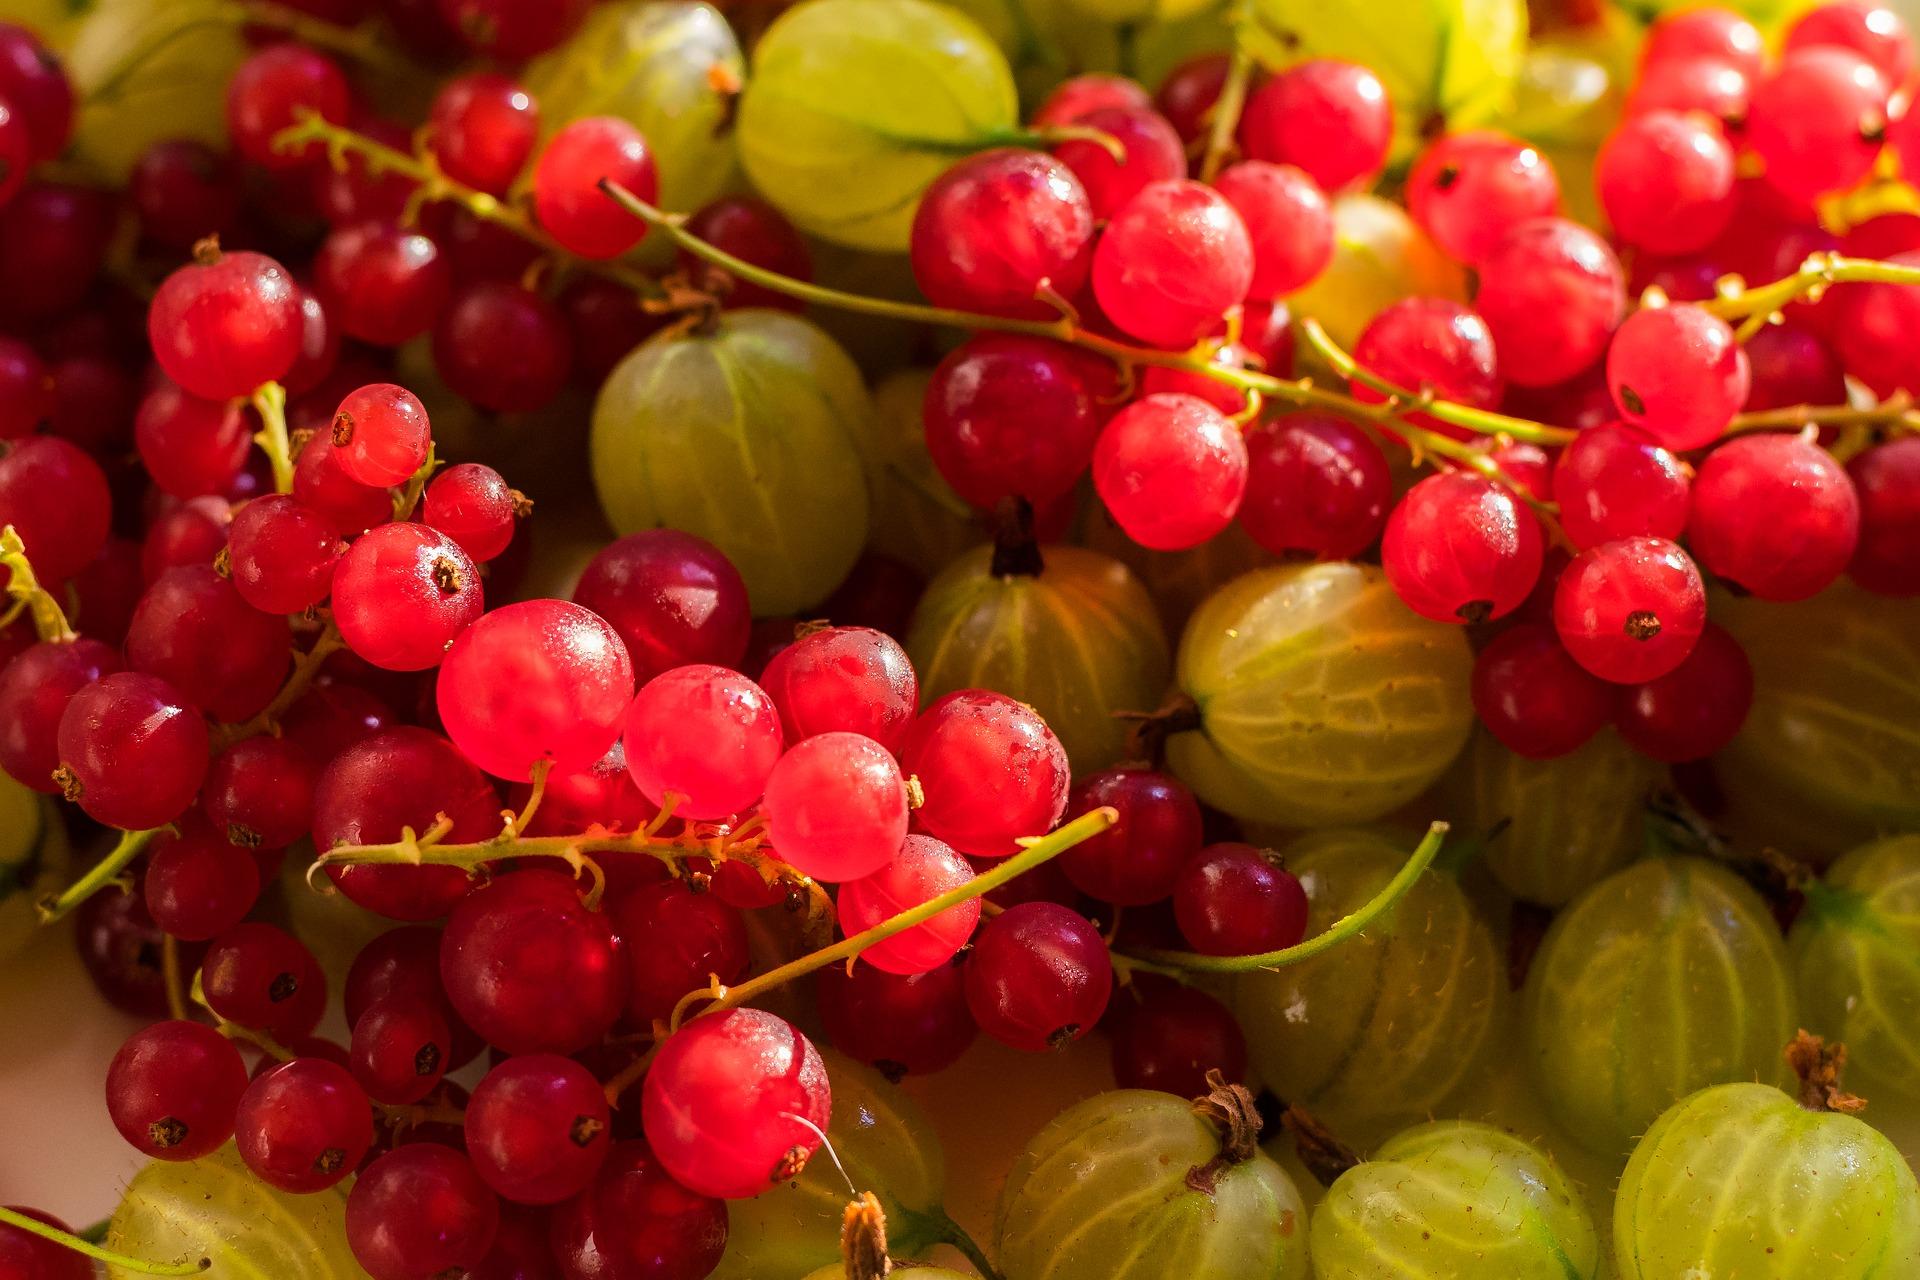 Groselha fruta: 25 benefícios, informação nutricional e malefícios